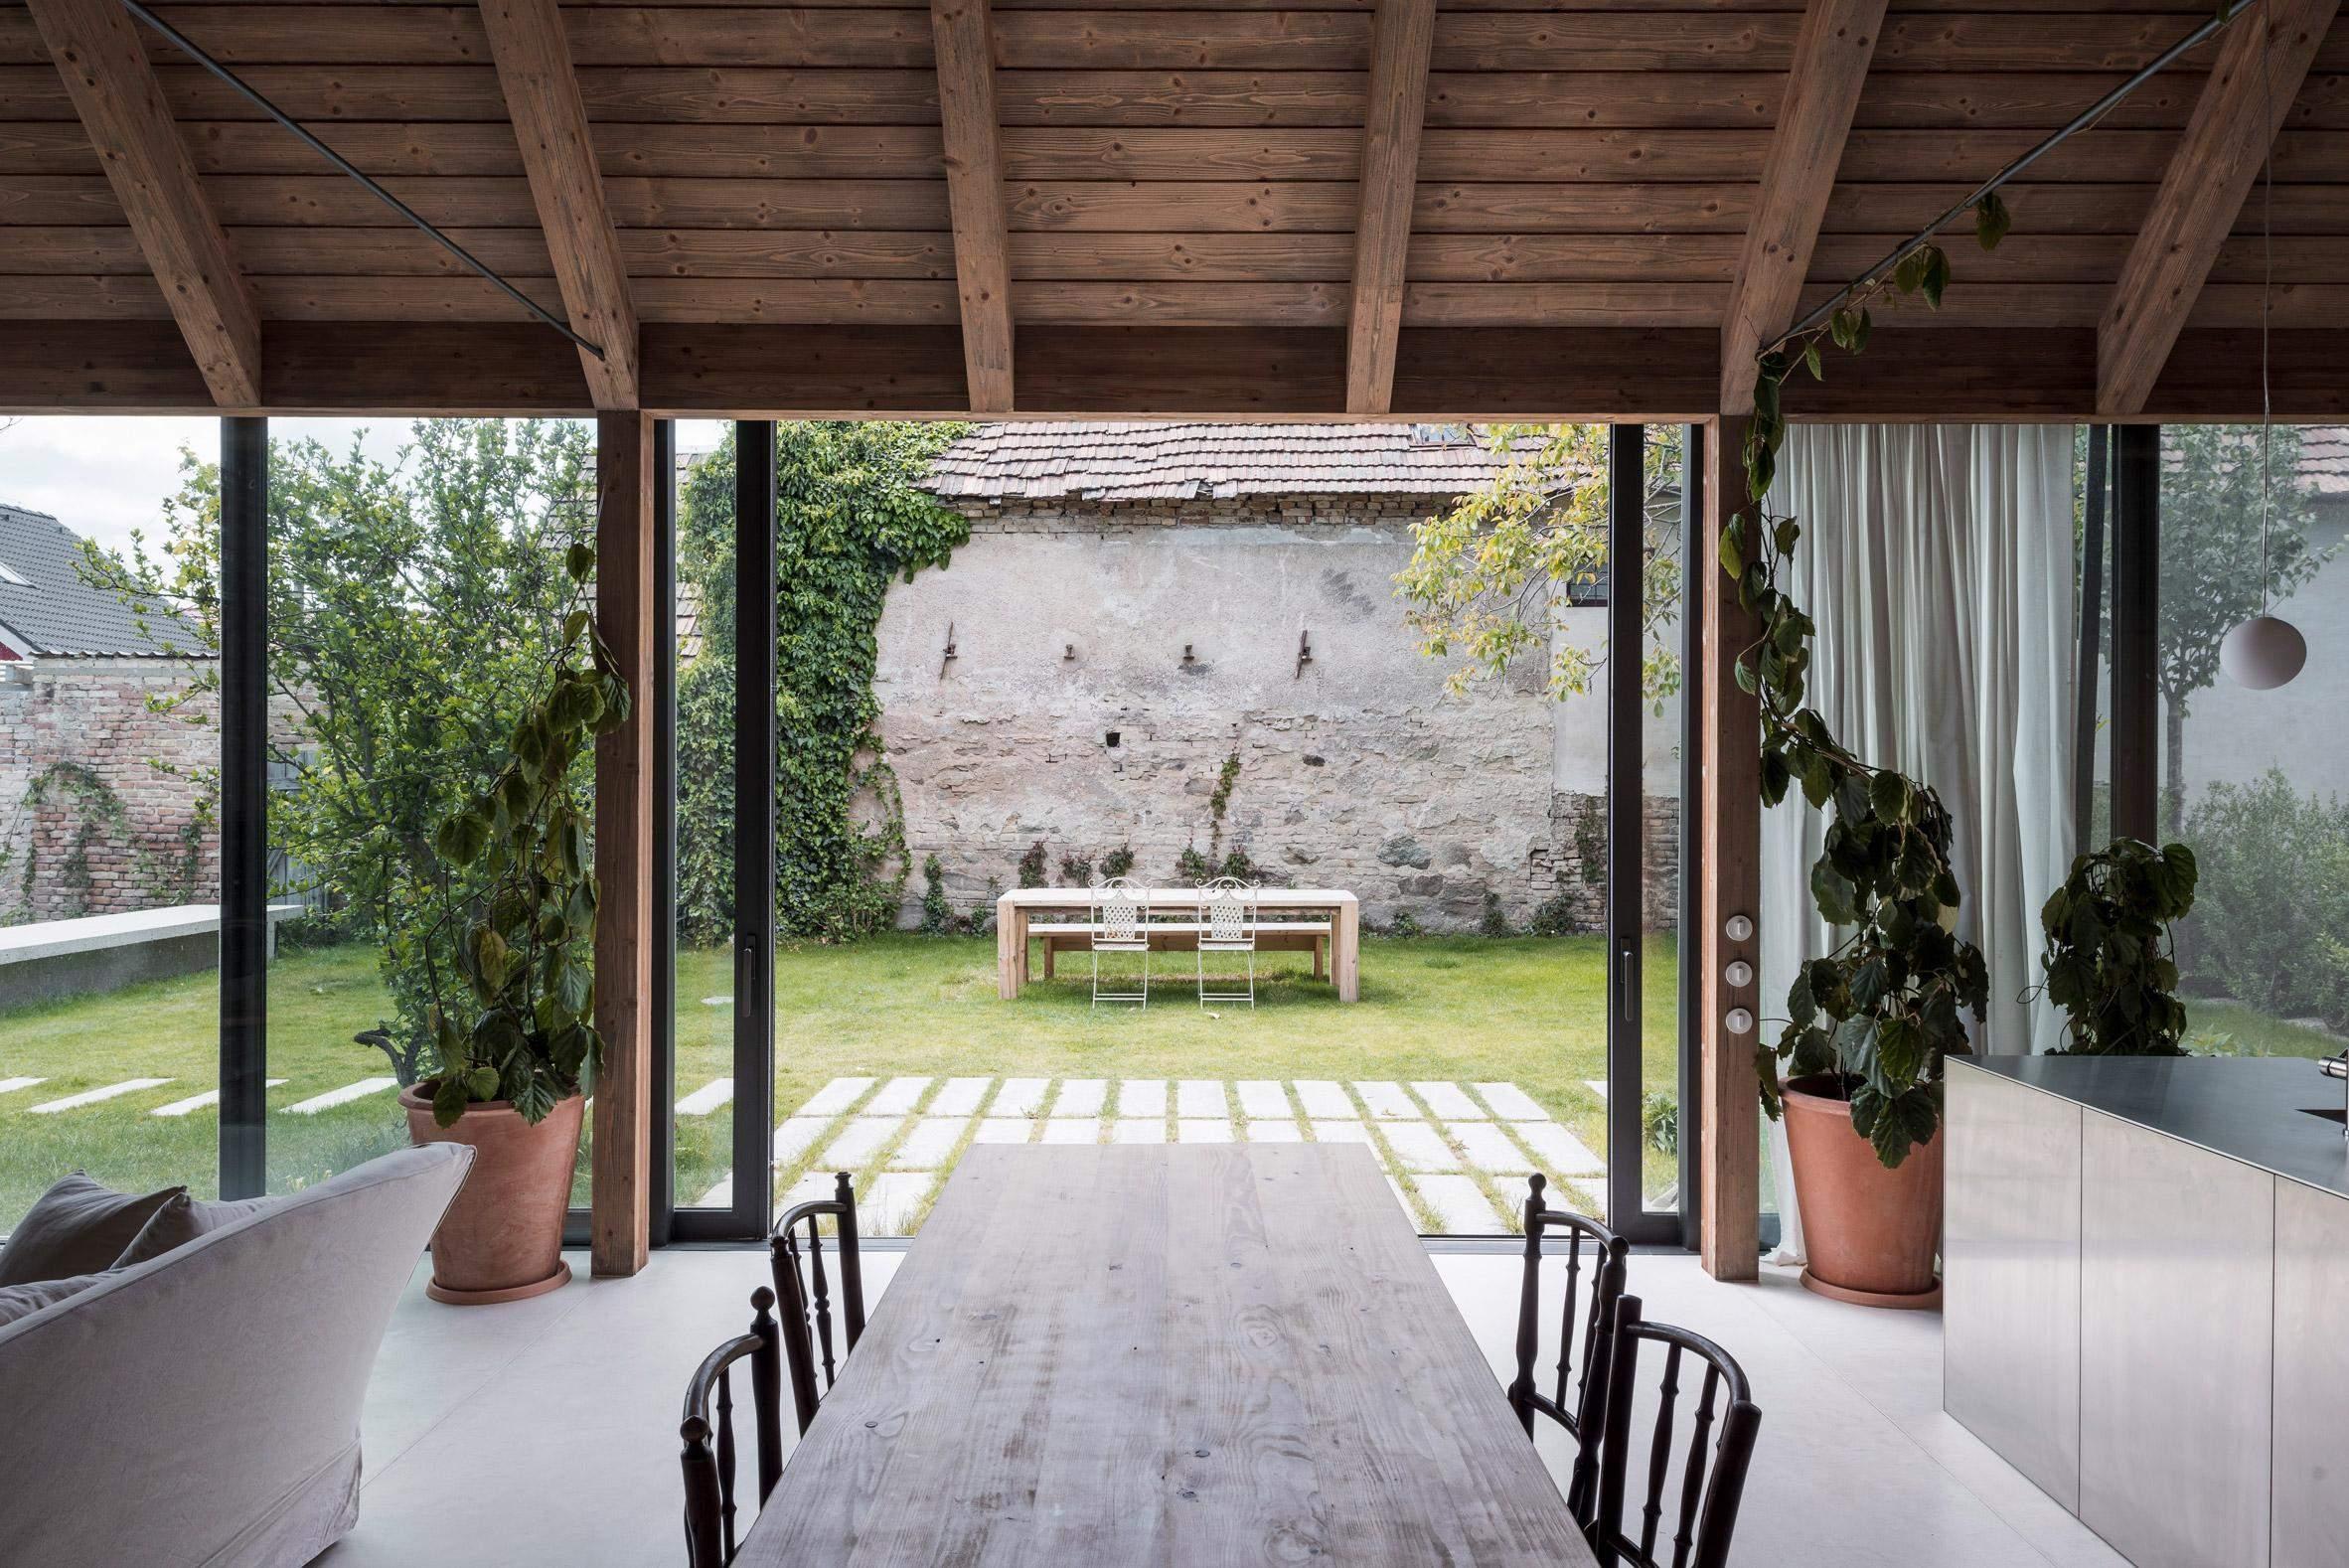 Скляні стіни створюють чудову панораму